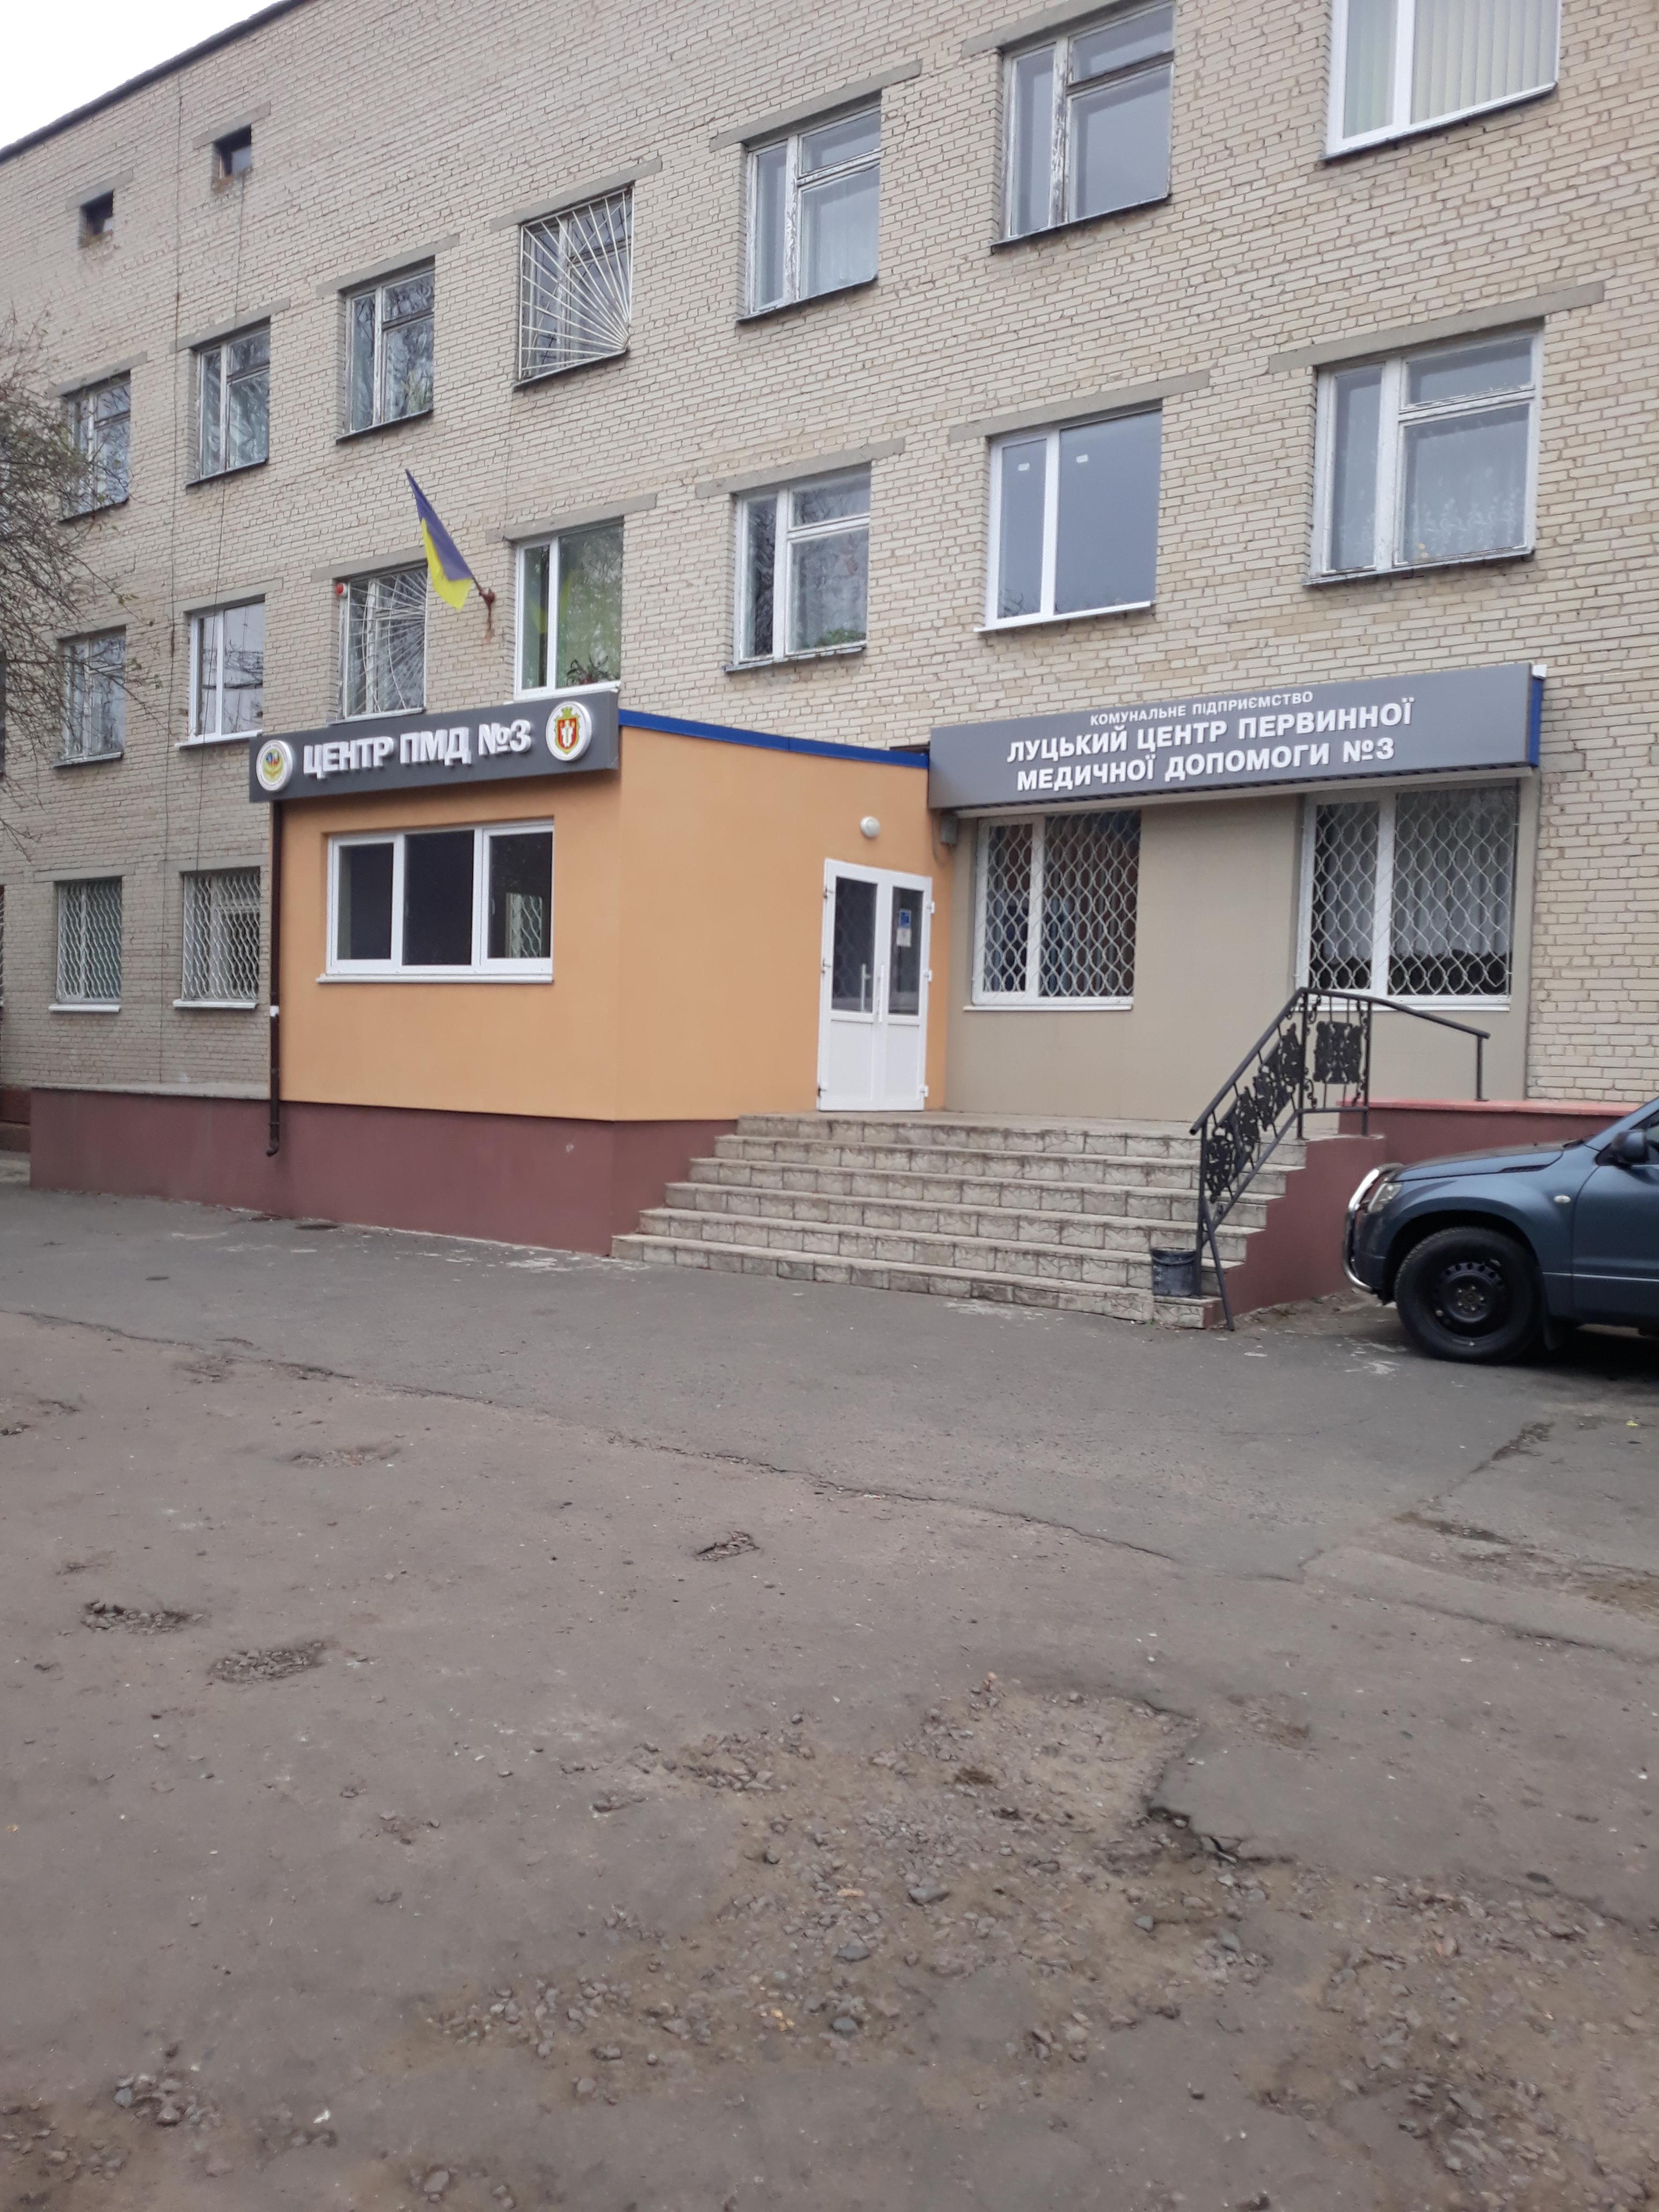 komunalne-pidpryiemstvo-lutskyi-tsentr-pervynnoi-medychnoi-dopomohy-3